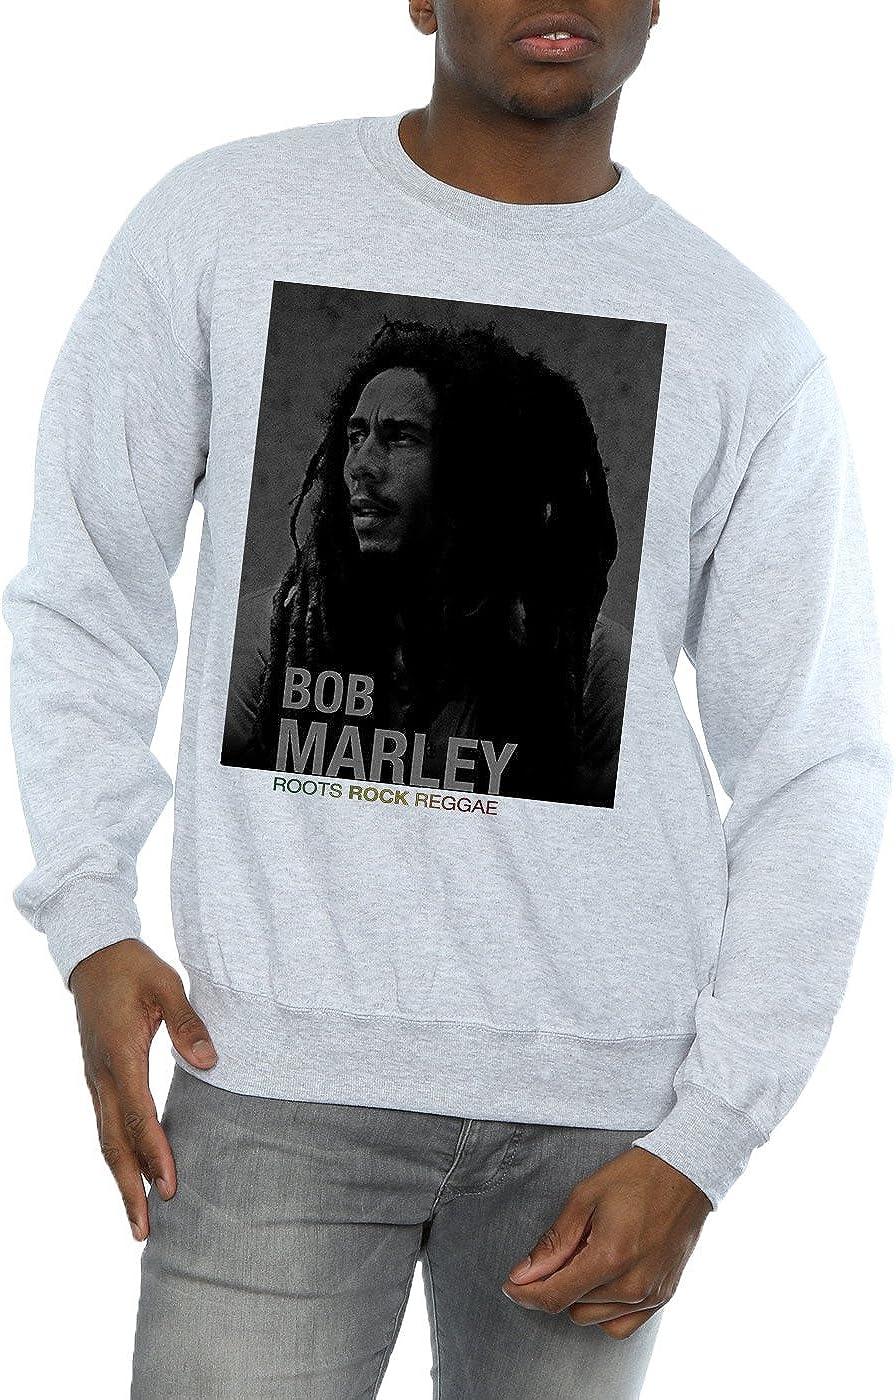 Bob Marley Hombre Roots Rock Reggae Camisa De Entrenamiento: Amazon.es: Ropa y accesorios